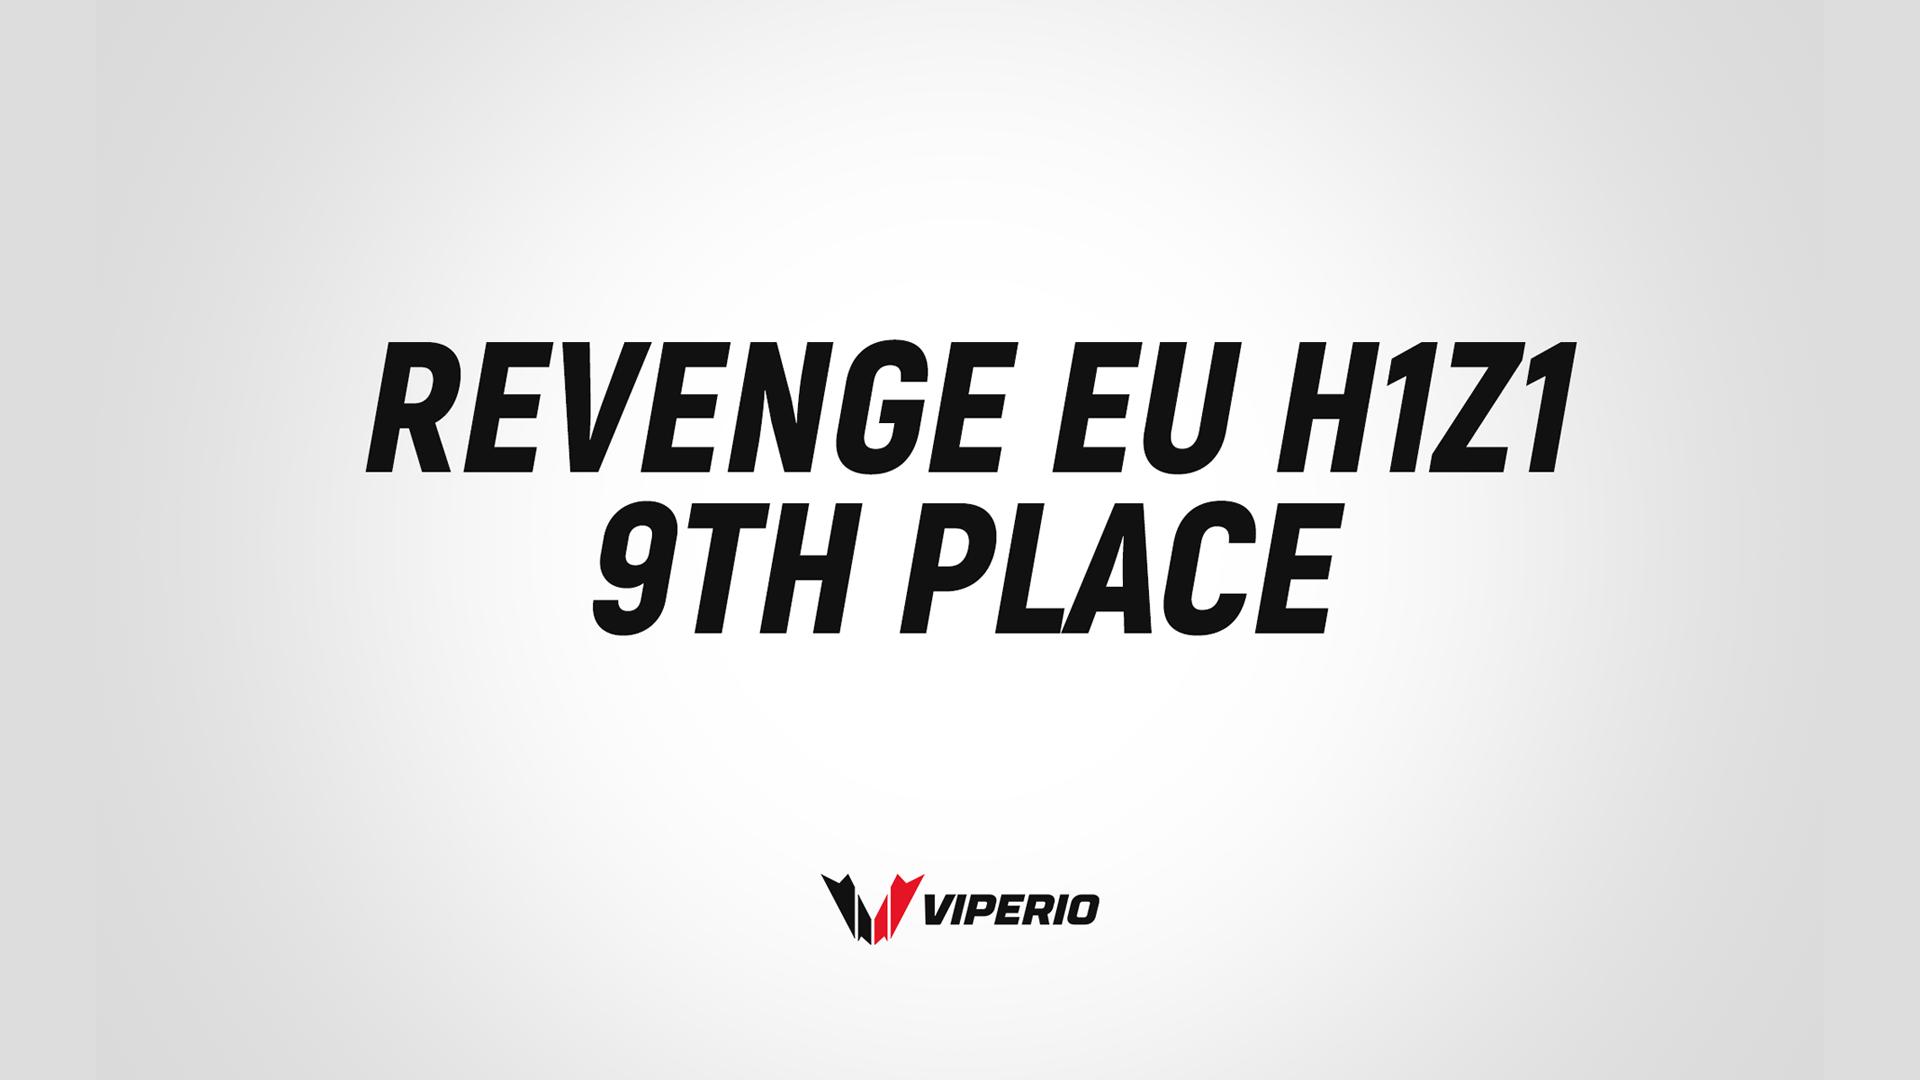 Viperio finish 9th in Revenge EU Tier One H1Z1 League